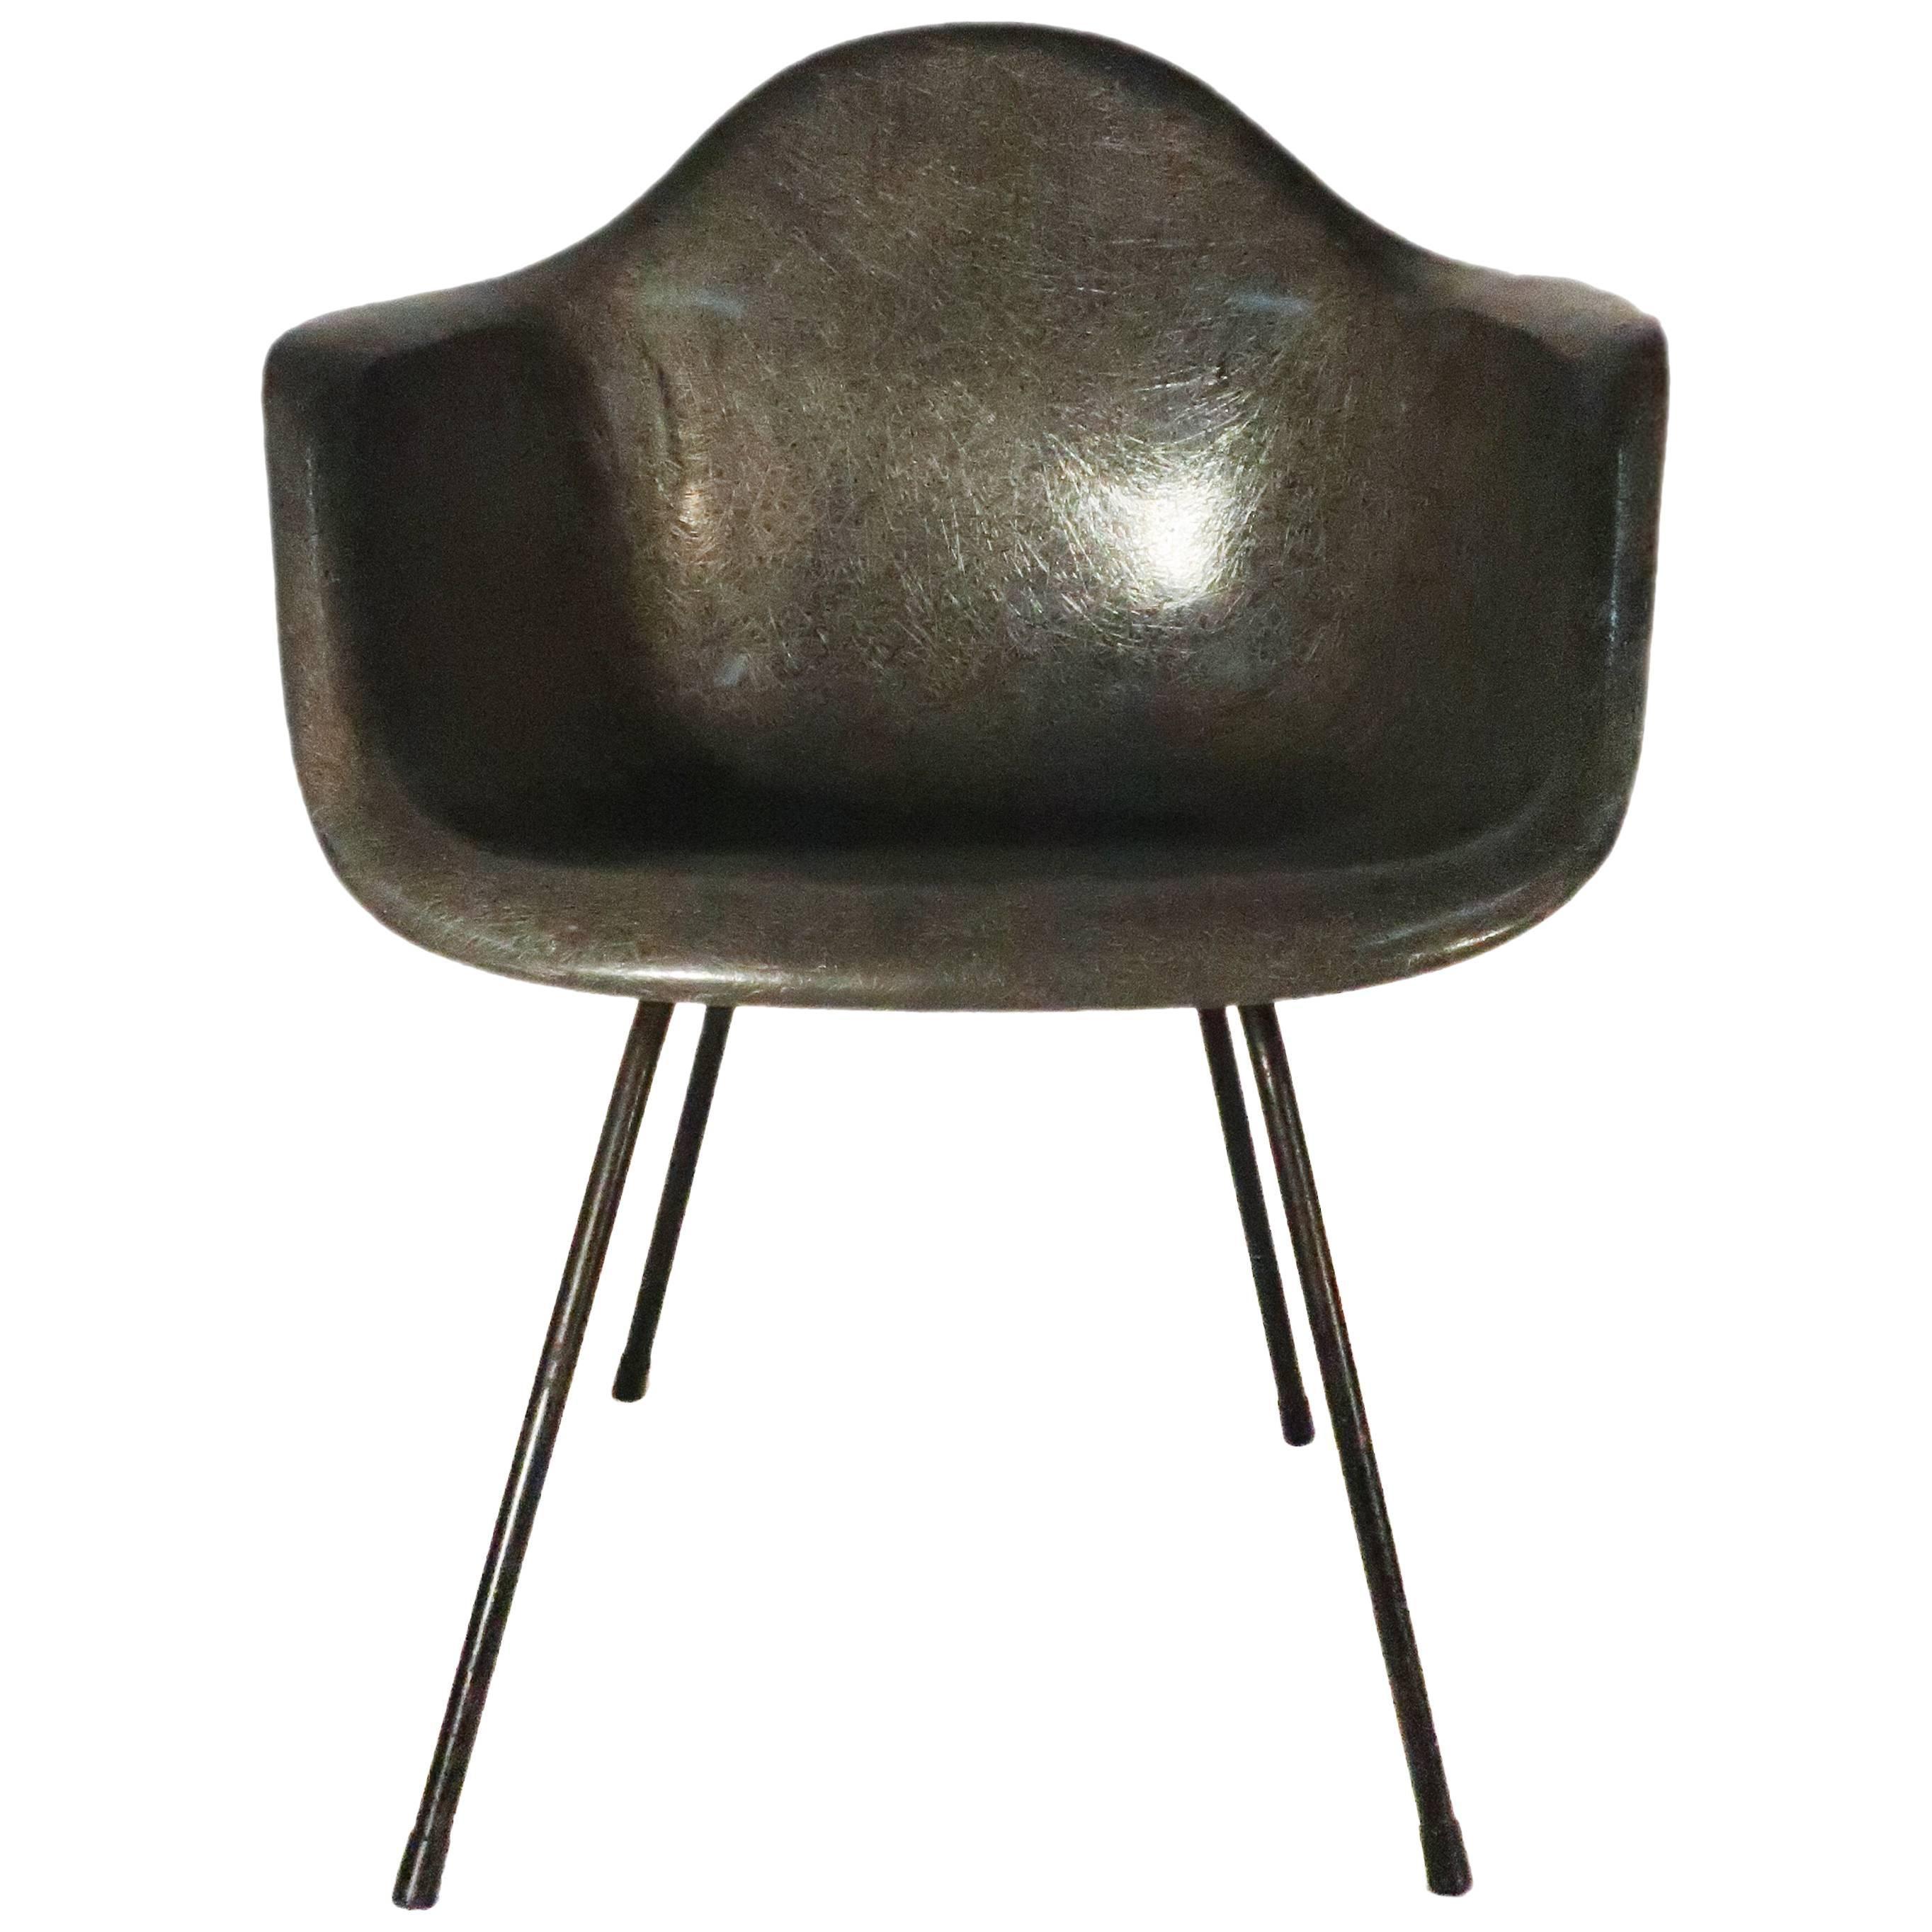 Eames Molded Fiberglass Armchair For Herman Miller For Sale